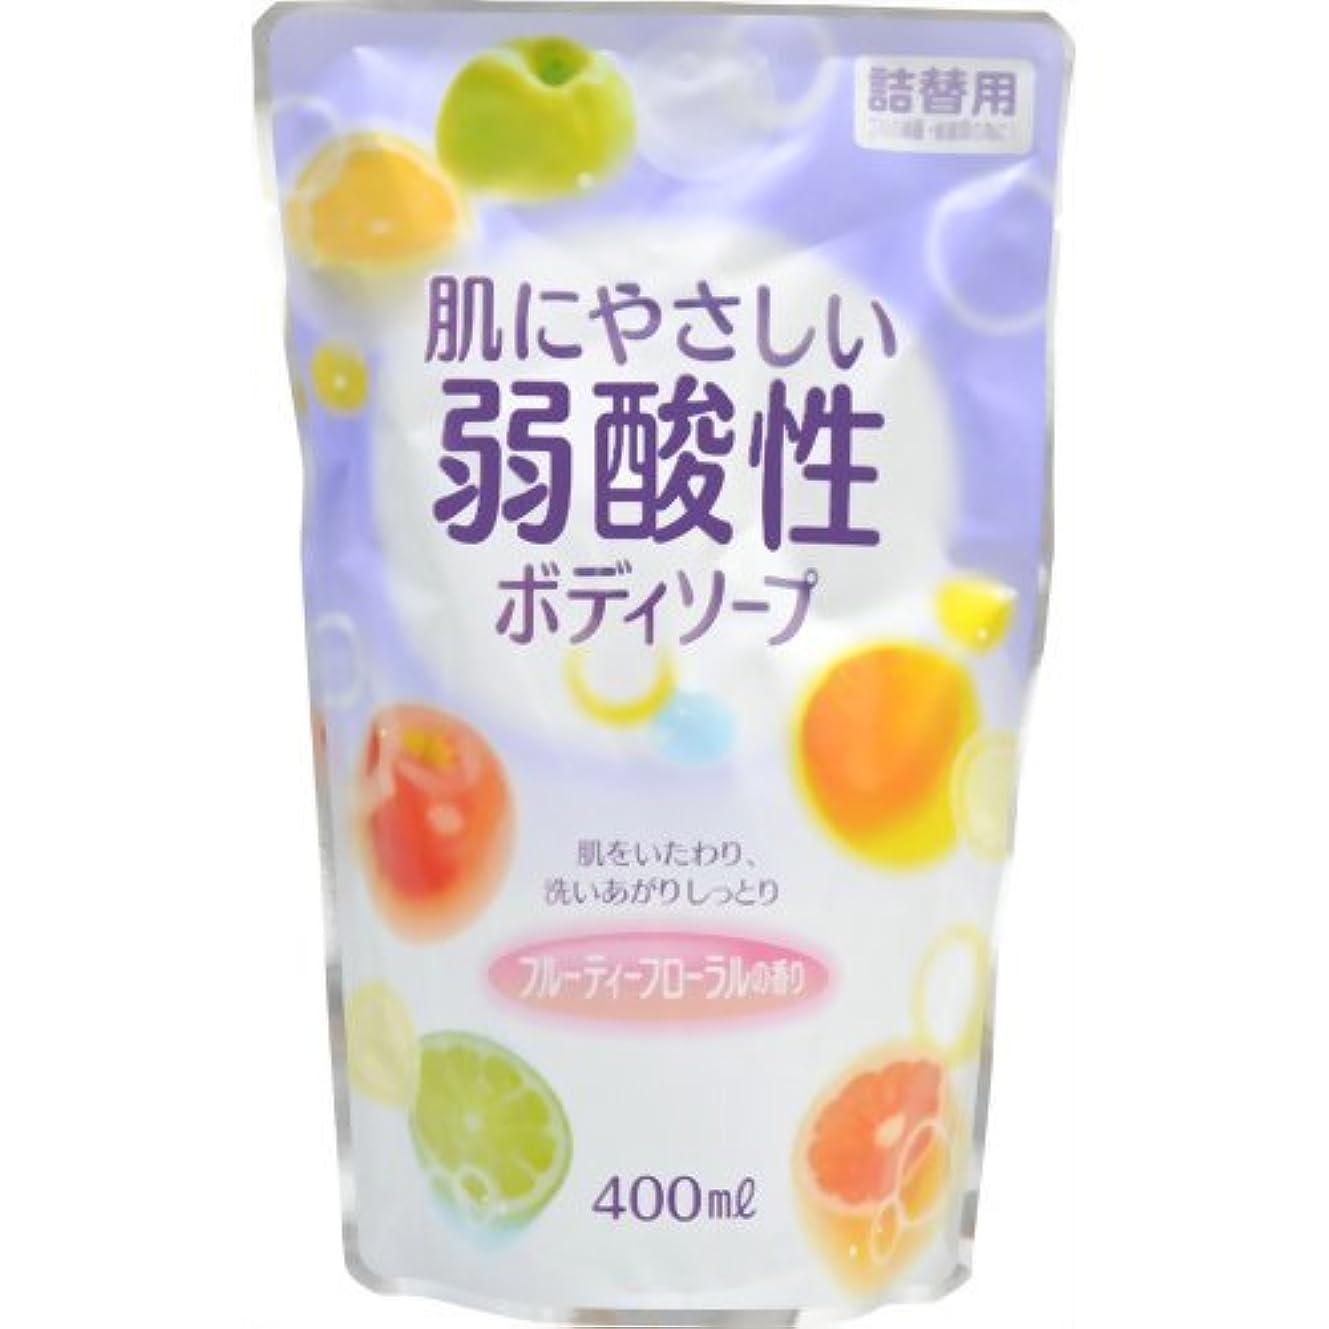 ピッチ好奇心盛天国弱酸性ボディソープ フルーティーフローラルの香り 詰替用 400ml